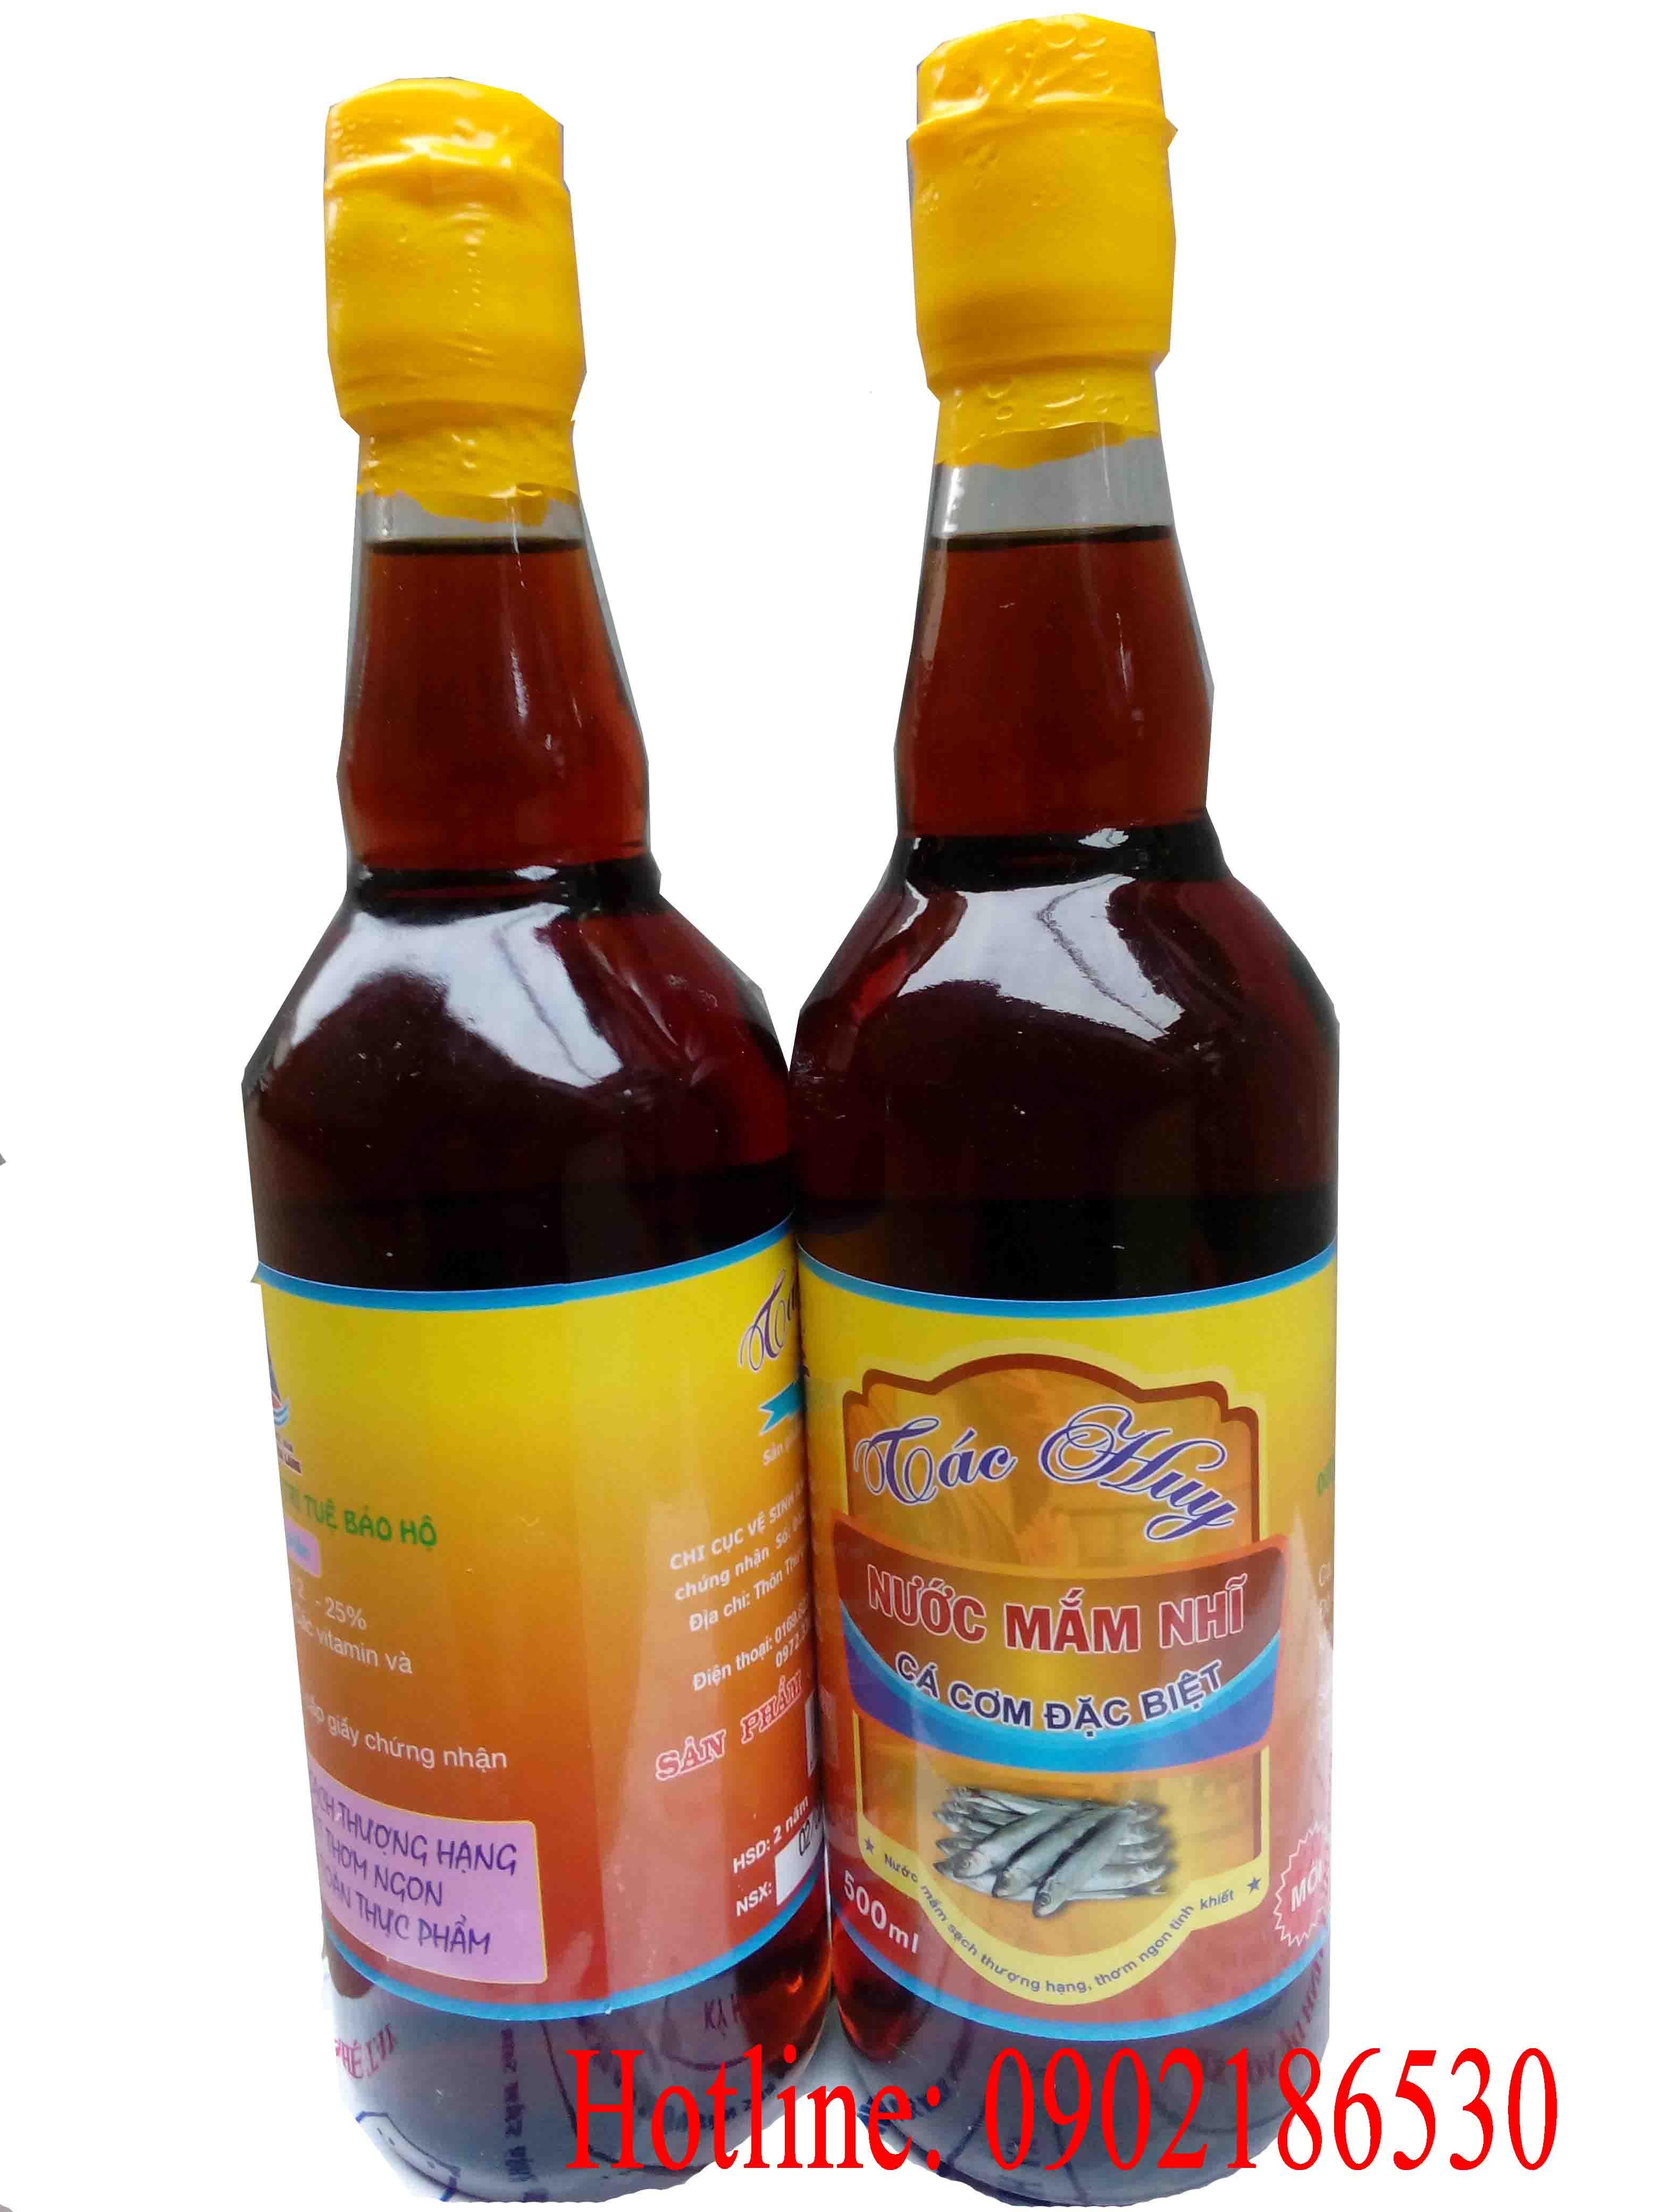 Nước mắm cốt (rút nỏ) đặc biệt Thanh Hóa (chai thủy tinh 500ml)